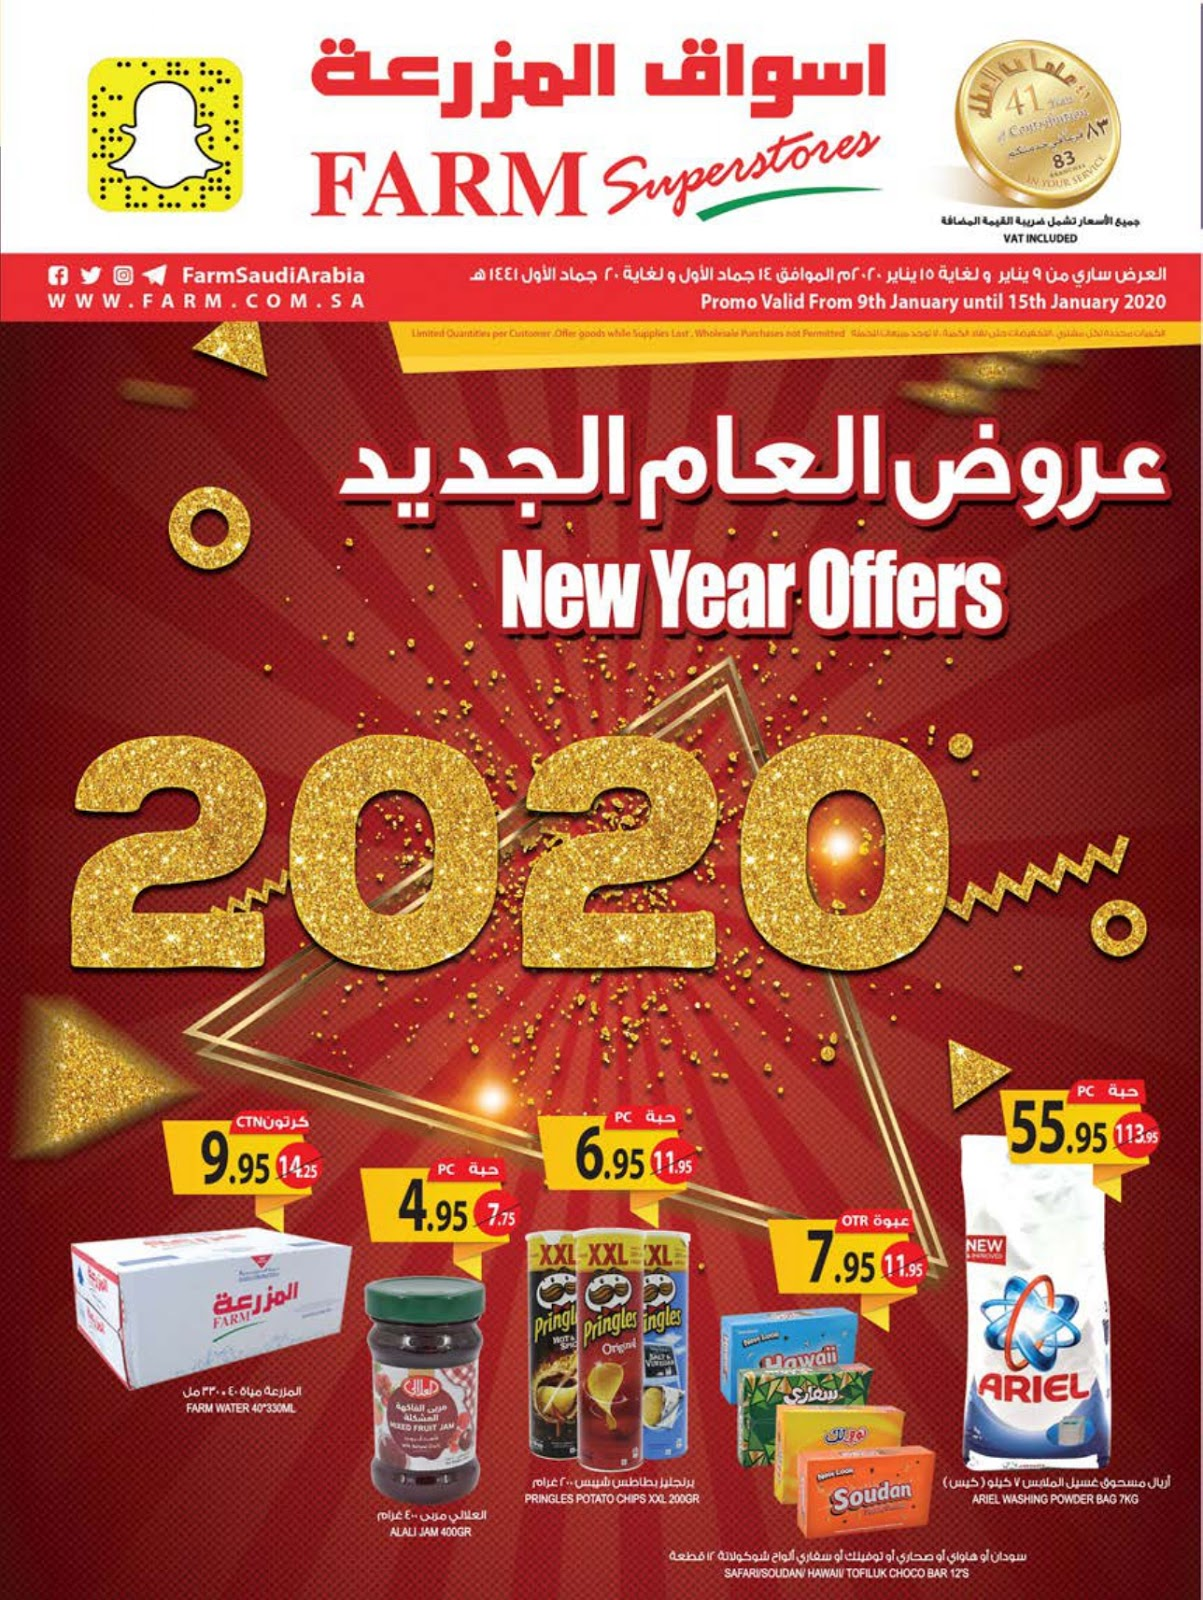 عروض اسواق المزرعة الرياض و المنطقة الشرقية و عرعر الاسبوعية السعودية من 9 يناير حتى 15 يناير 2020 عروض العام الجديد